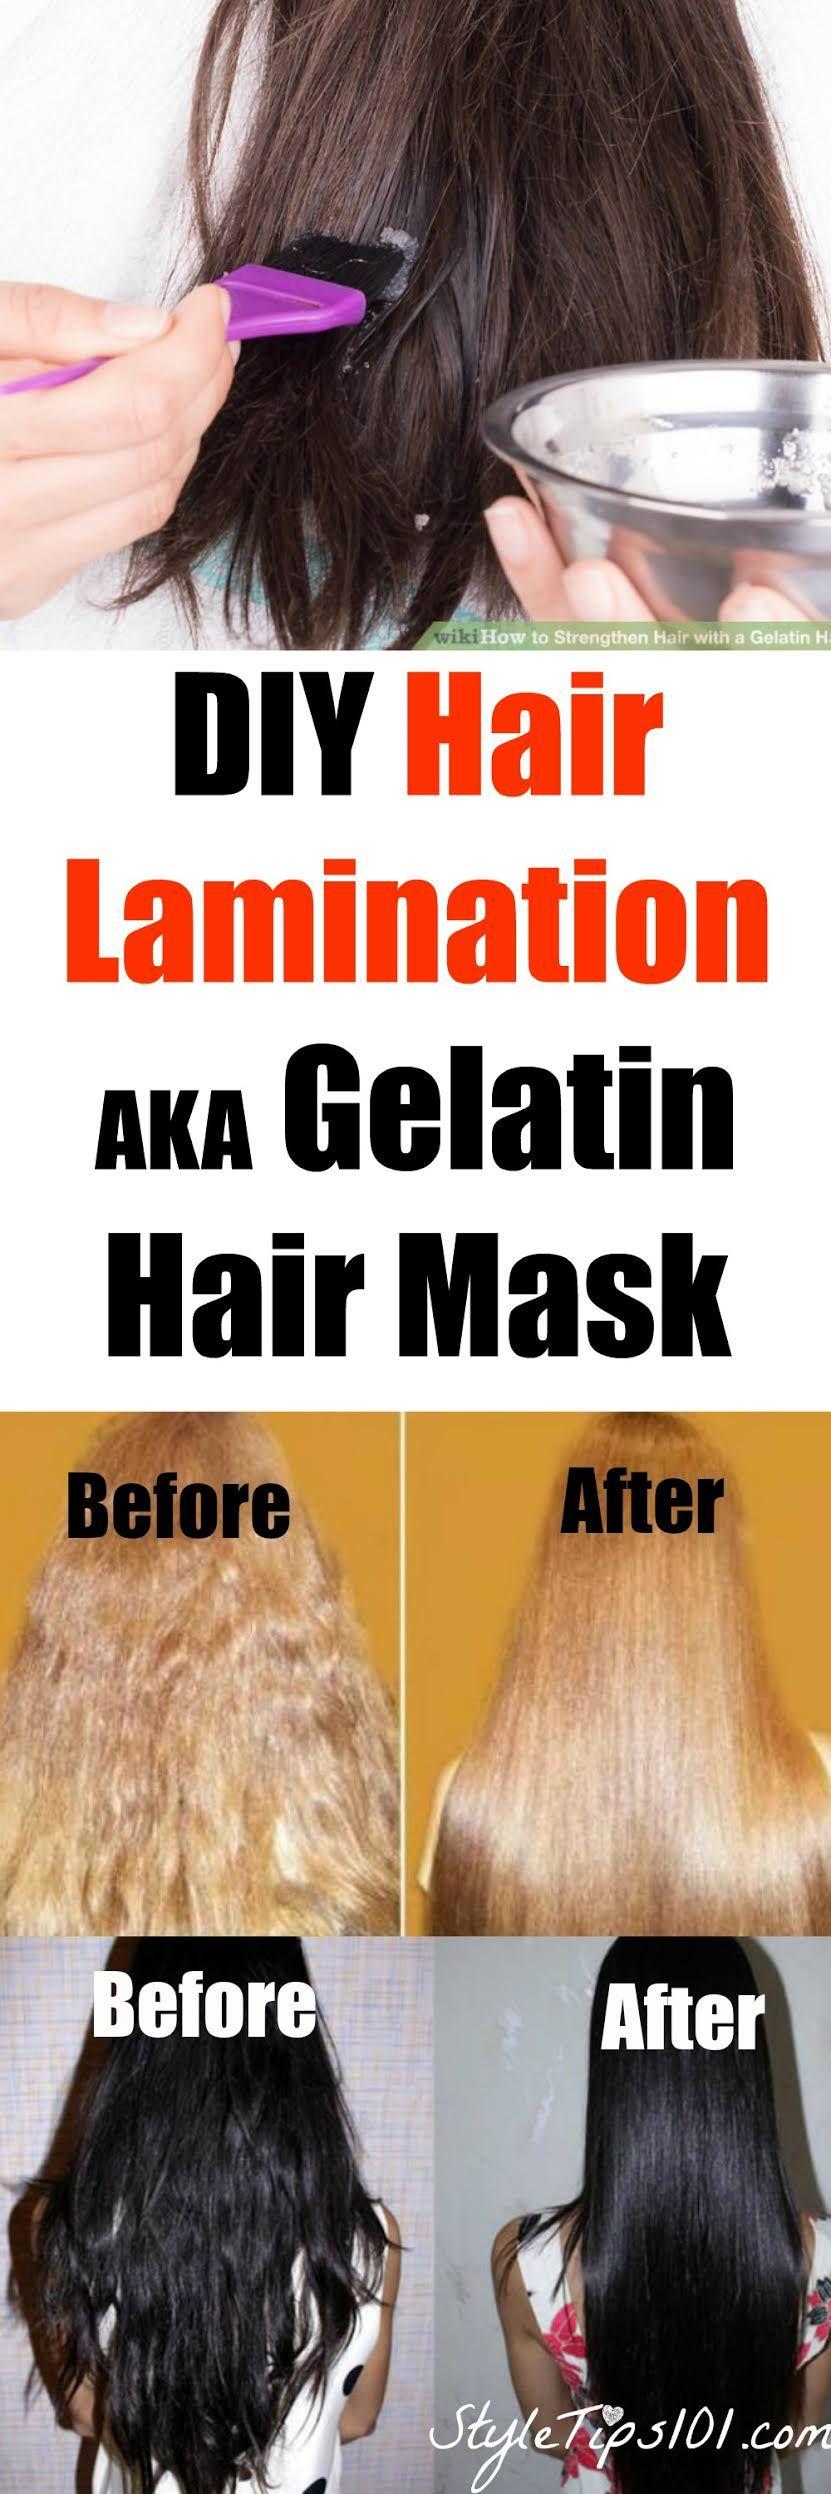 DIY Hair Lamination | Haarfrisuren selber machen